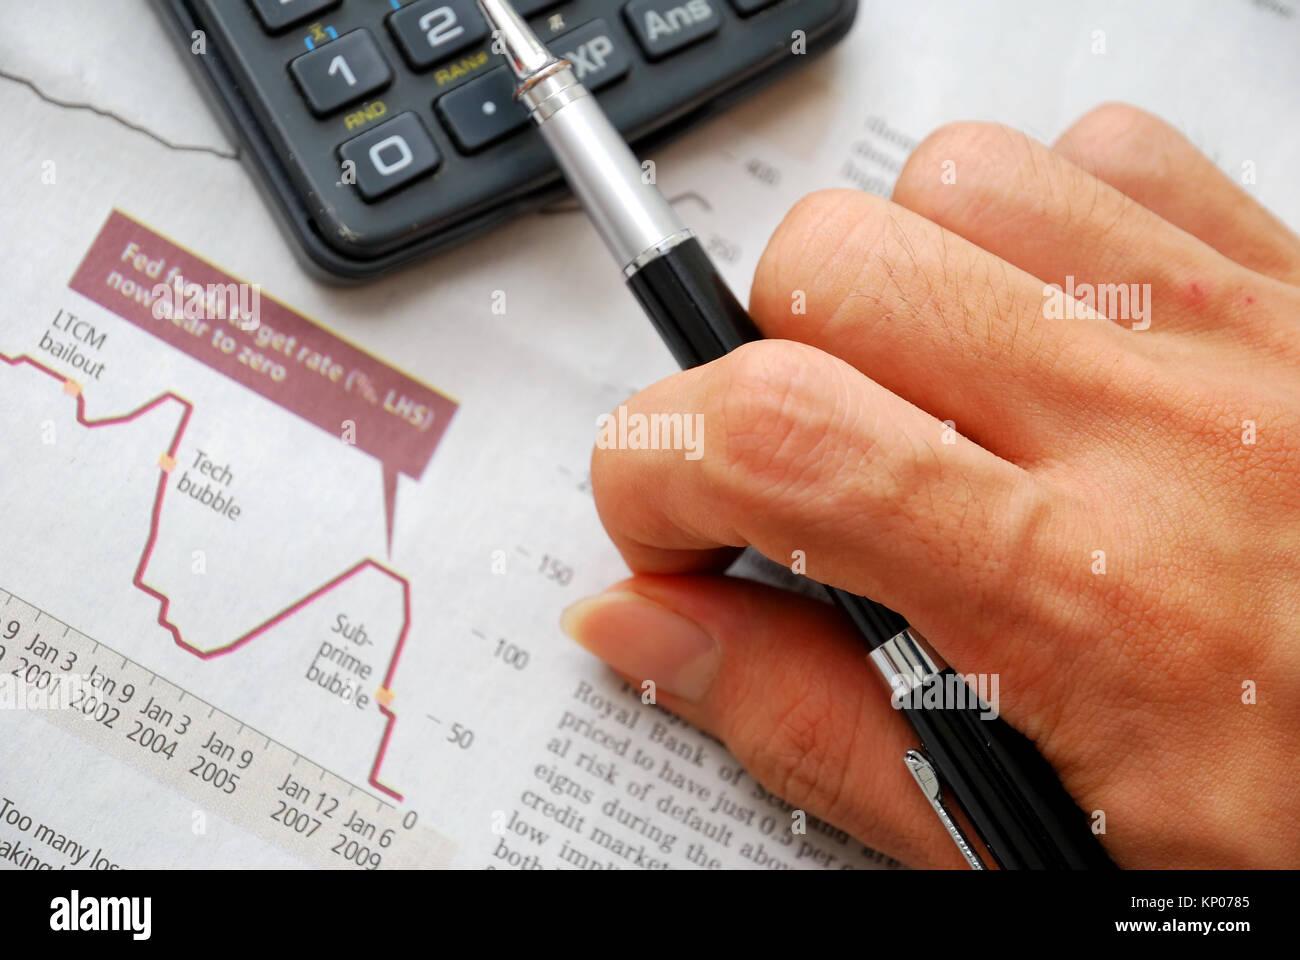 Primo piano della mano che scrive e documenti finanziari con la caduta di grafico del mercato azionario in background, Immagini Stock